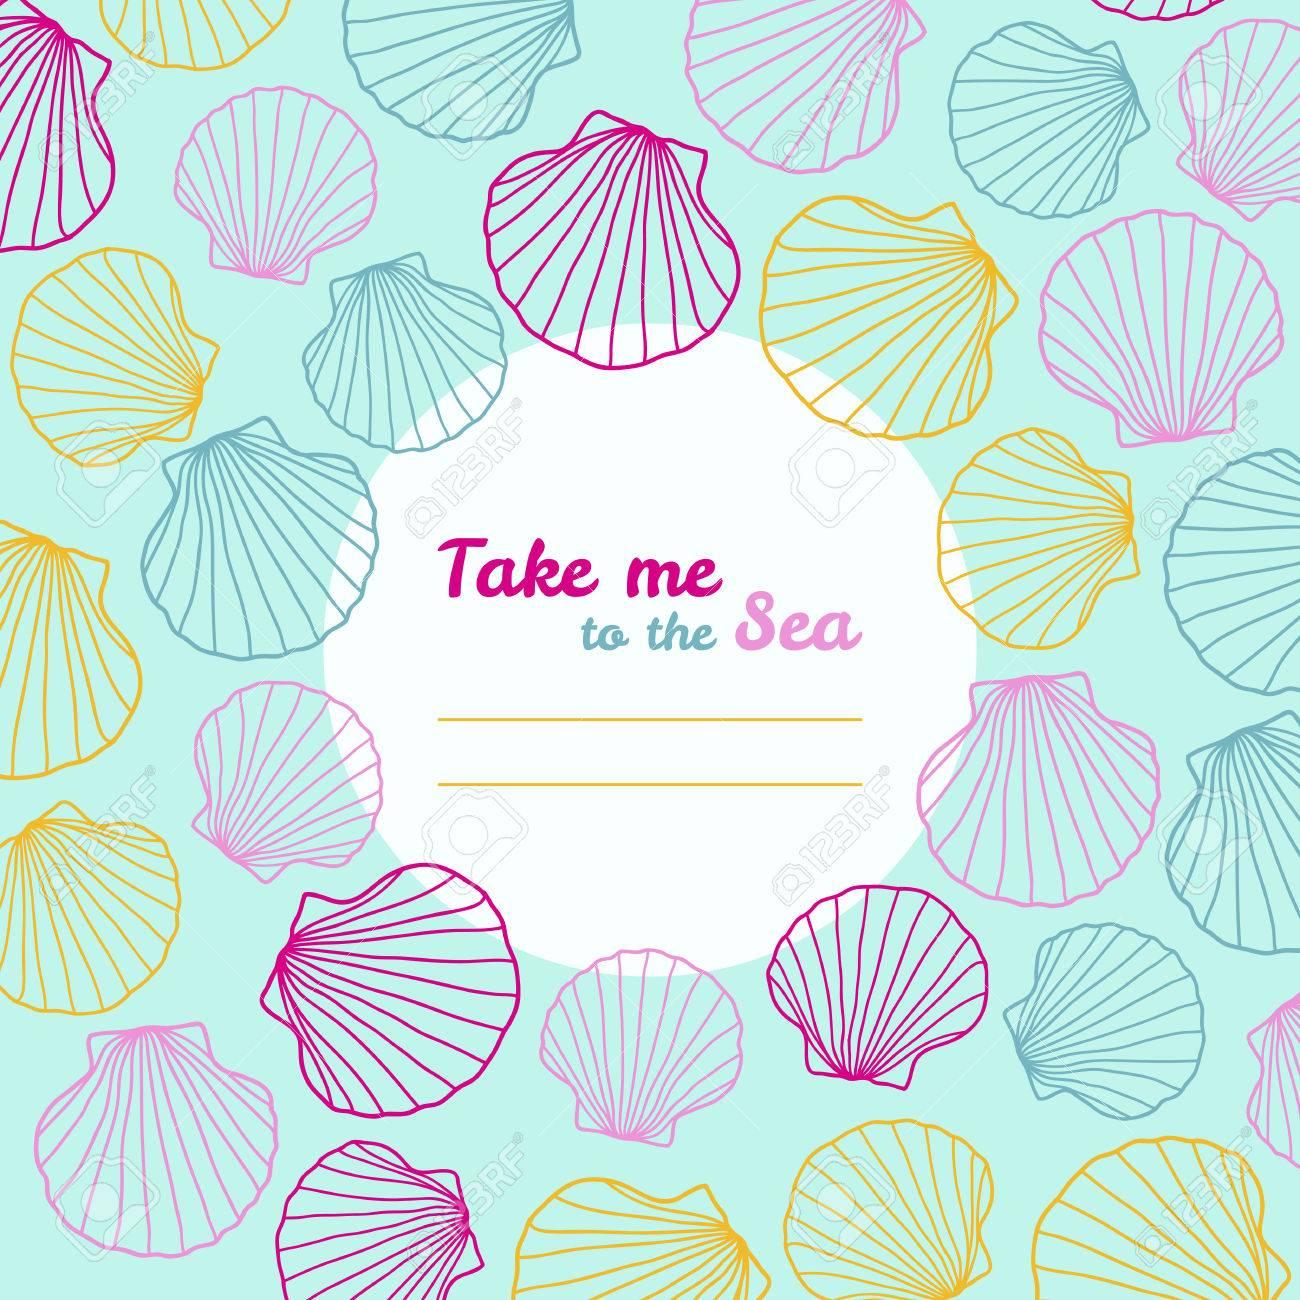 Ir A La Mar\' Invitación. Espacio De La Copia. Ilustración Vectorial ...